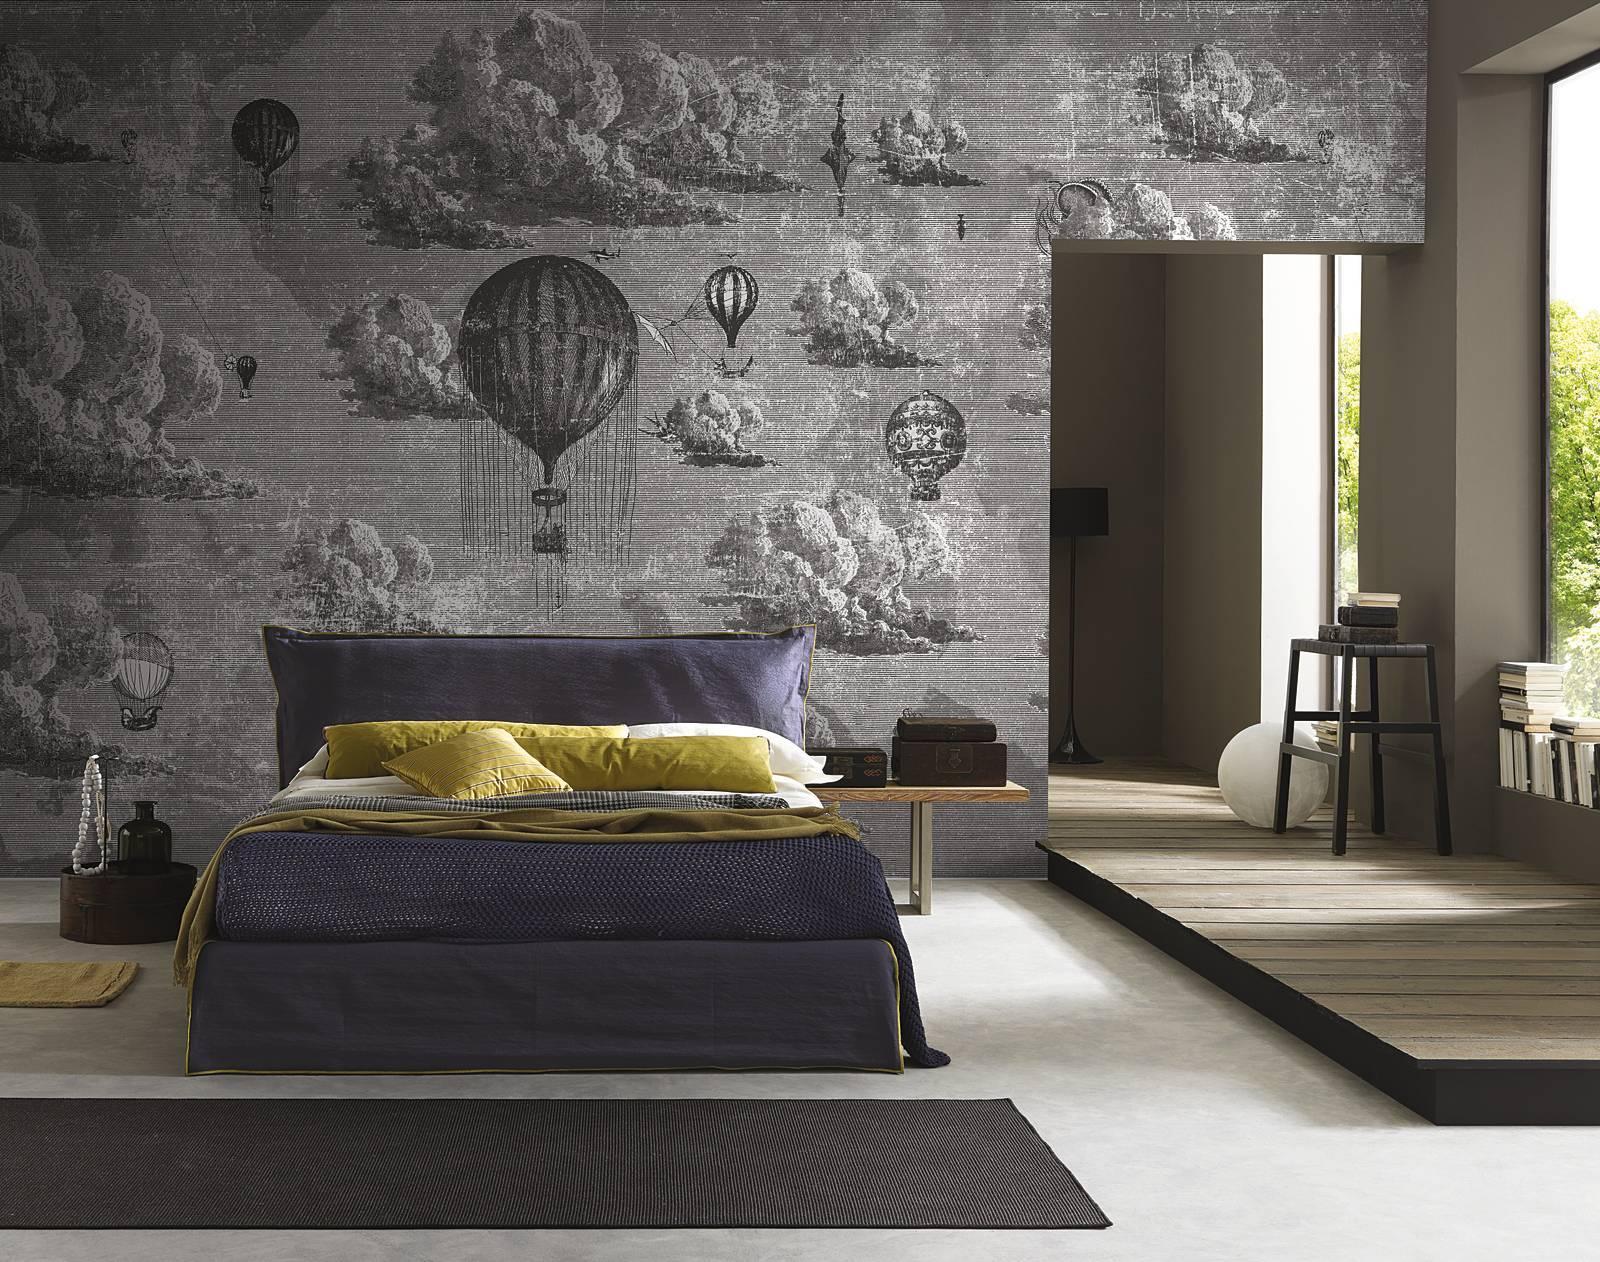 Carta da parati dietro al letto 16 soluzioni scenografiche cose di casa - Murales camera da letto ...